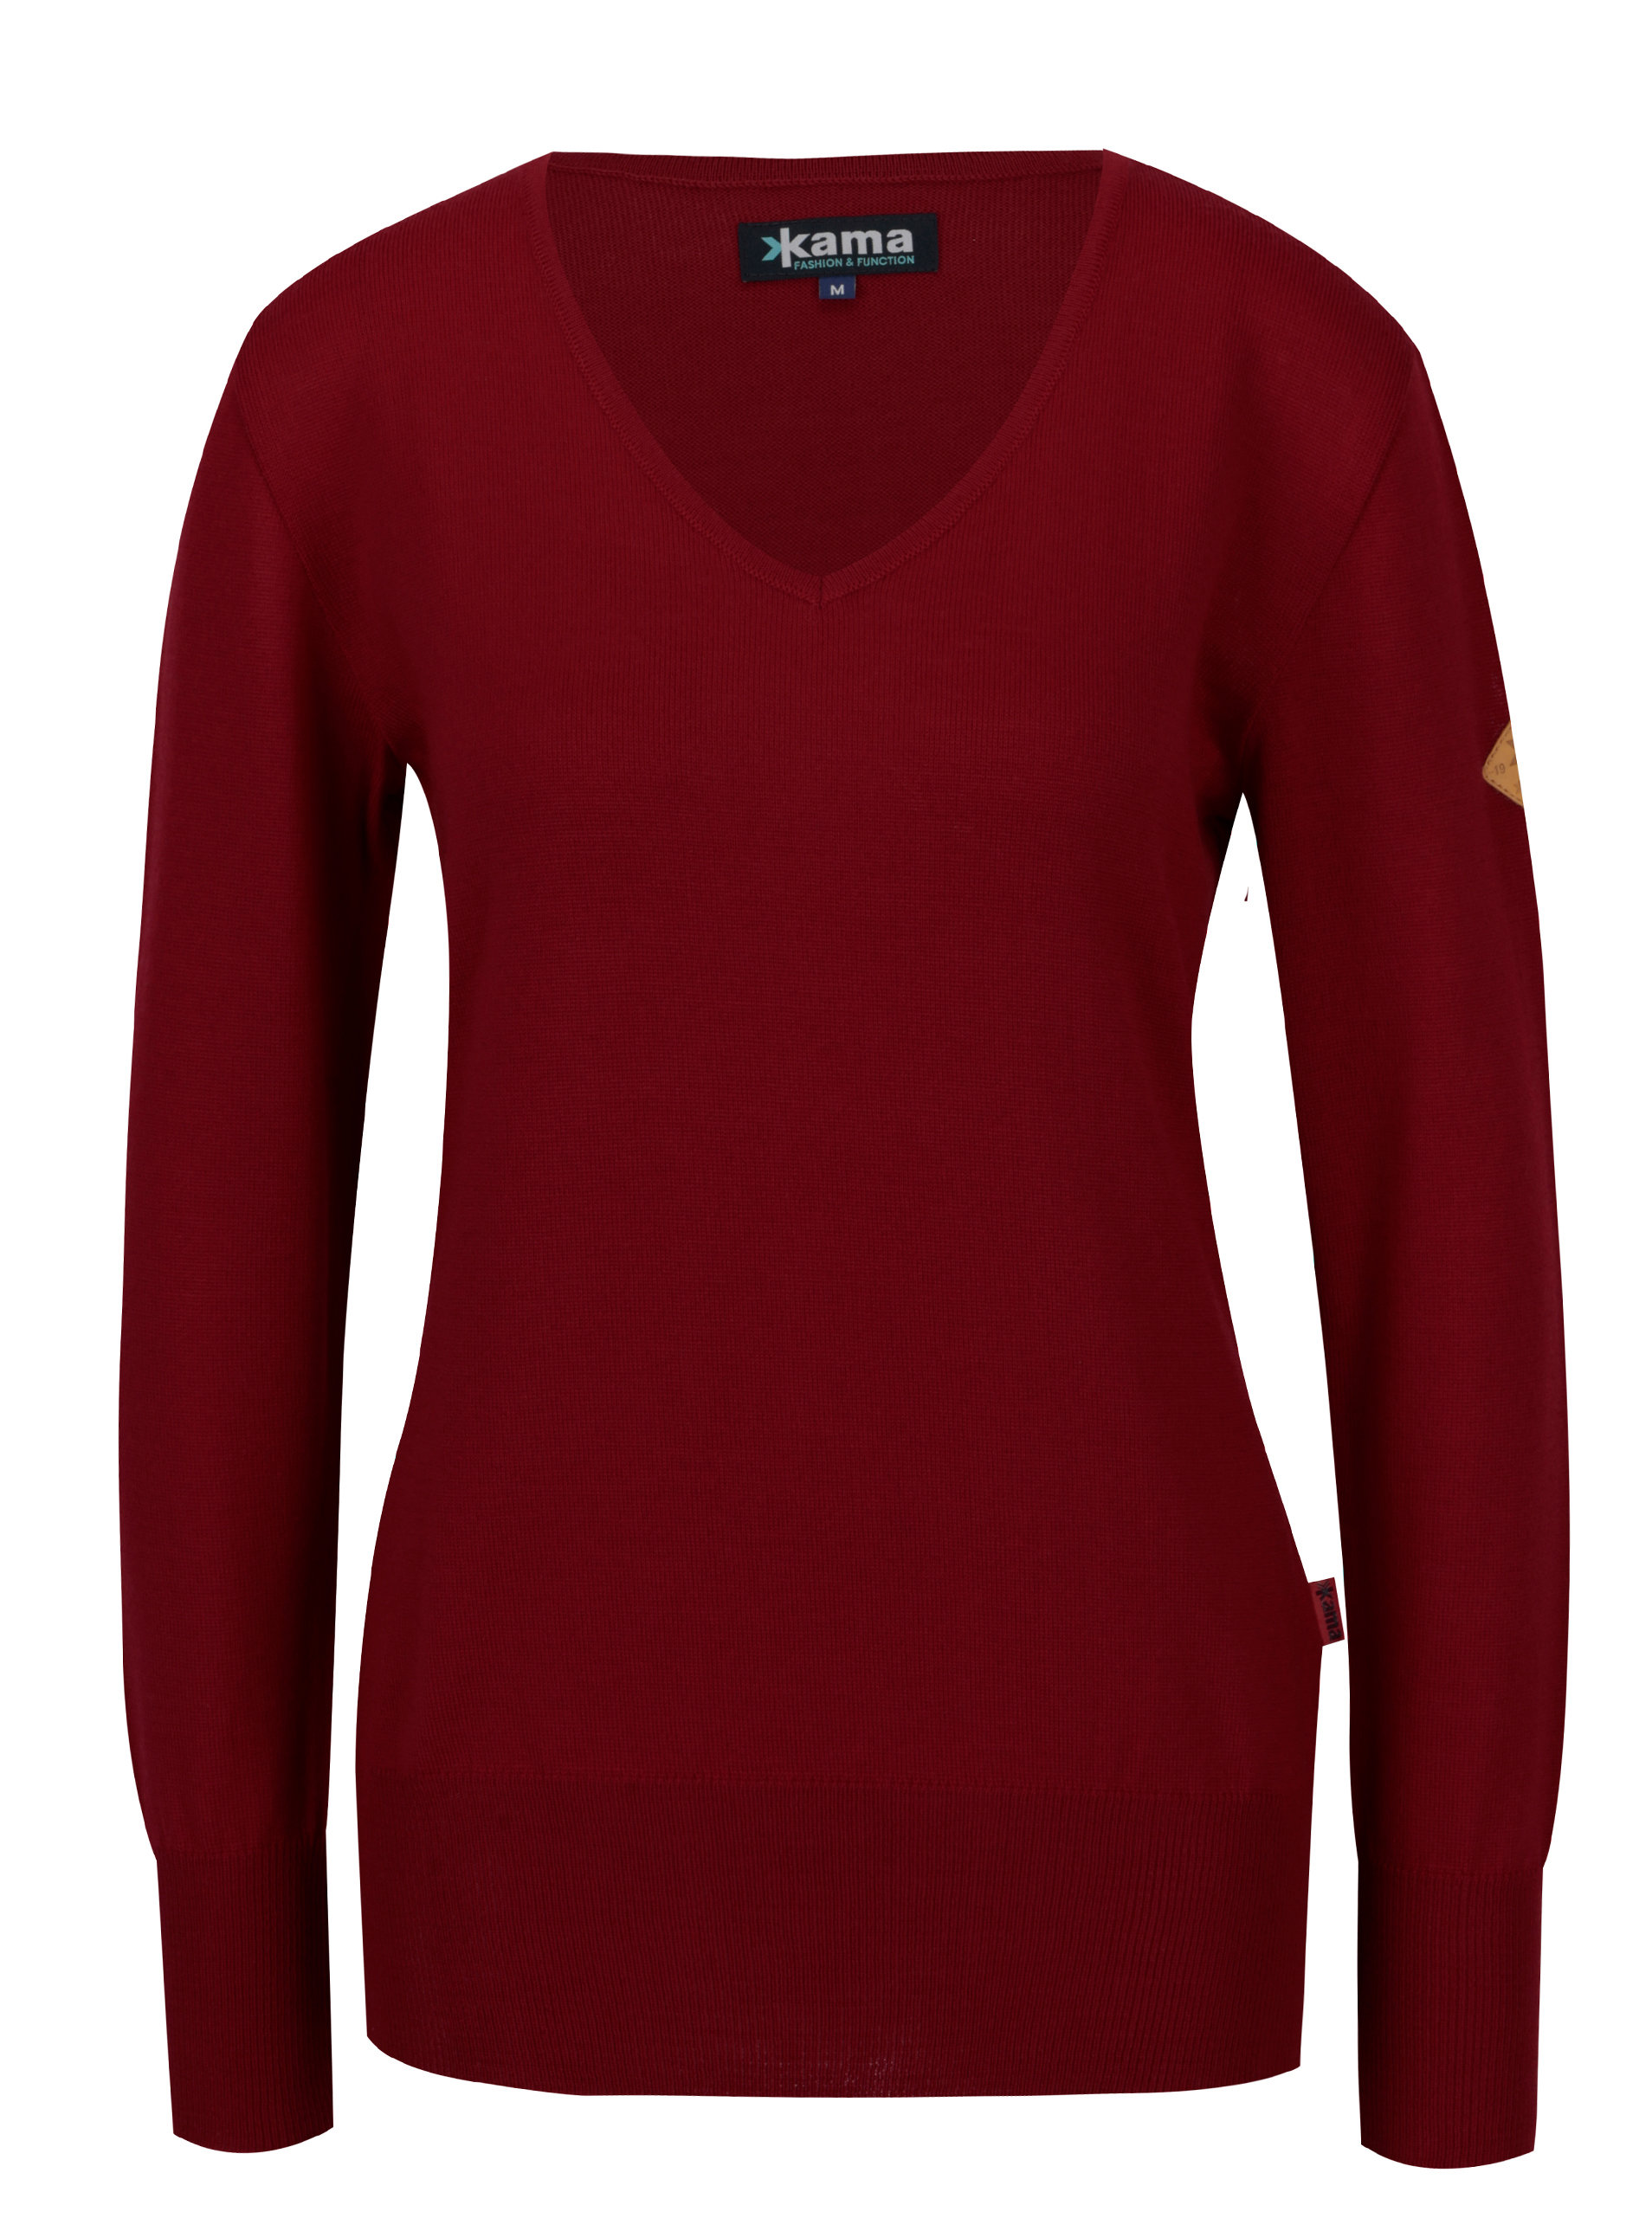 48eb2a4dabb Červený dámský svetr z Merino vlny Kama - Akční cena